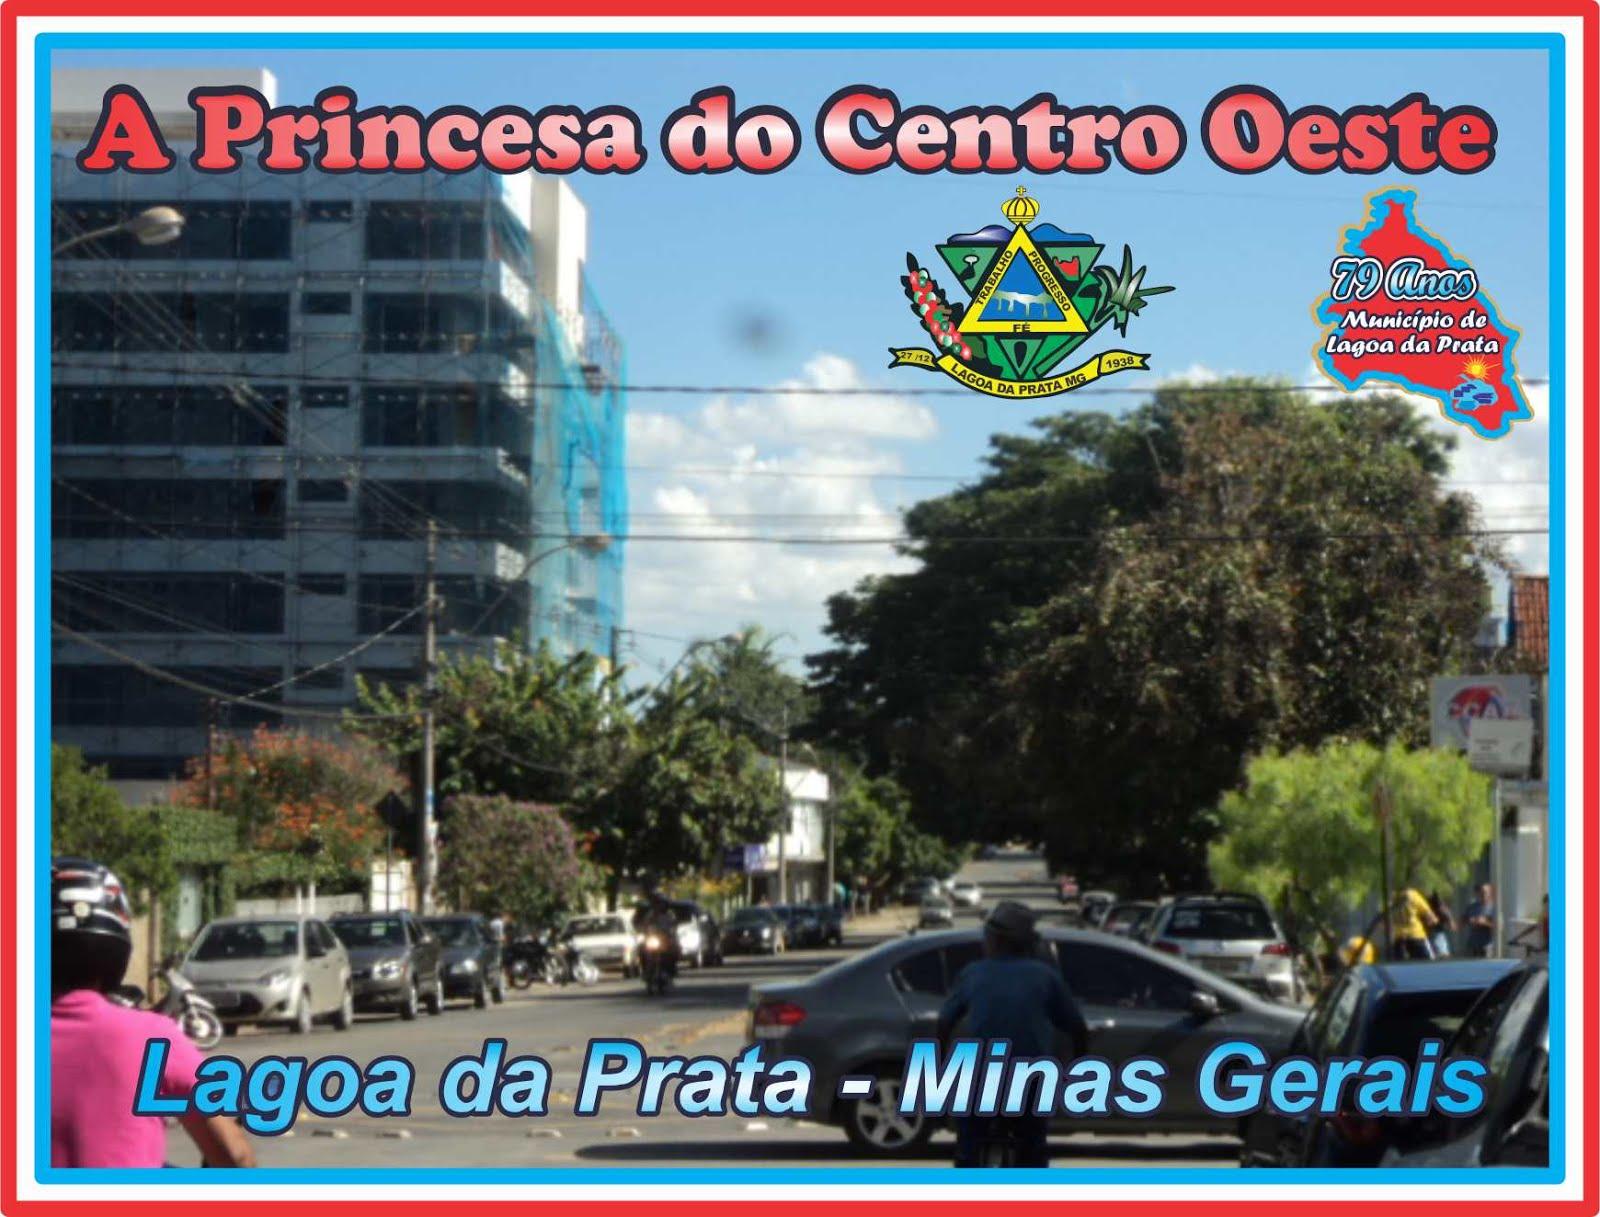 A Princesa do Centro Oeste de Minas Gerais